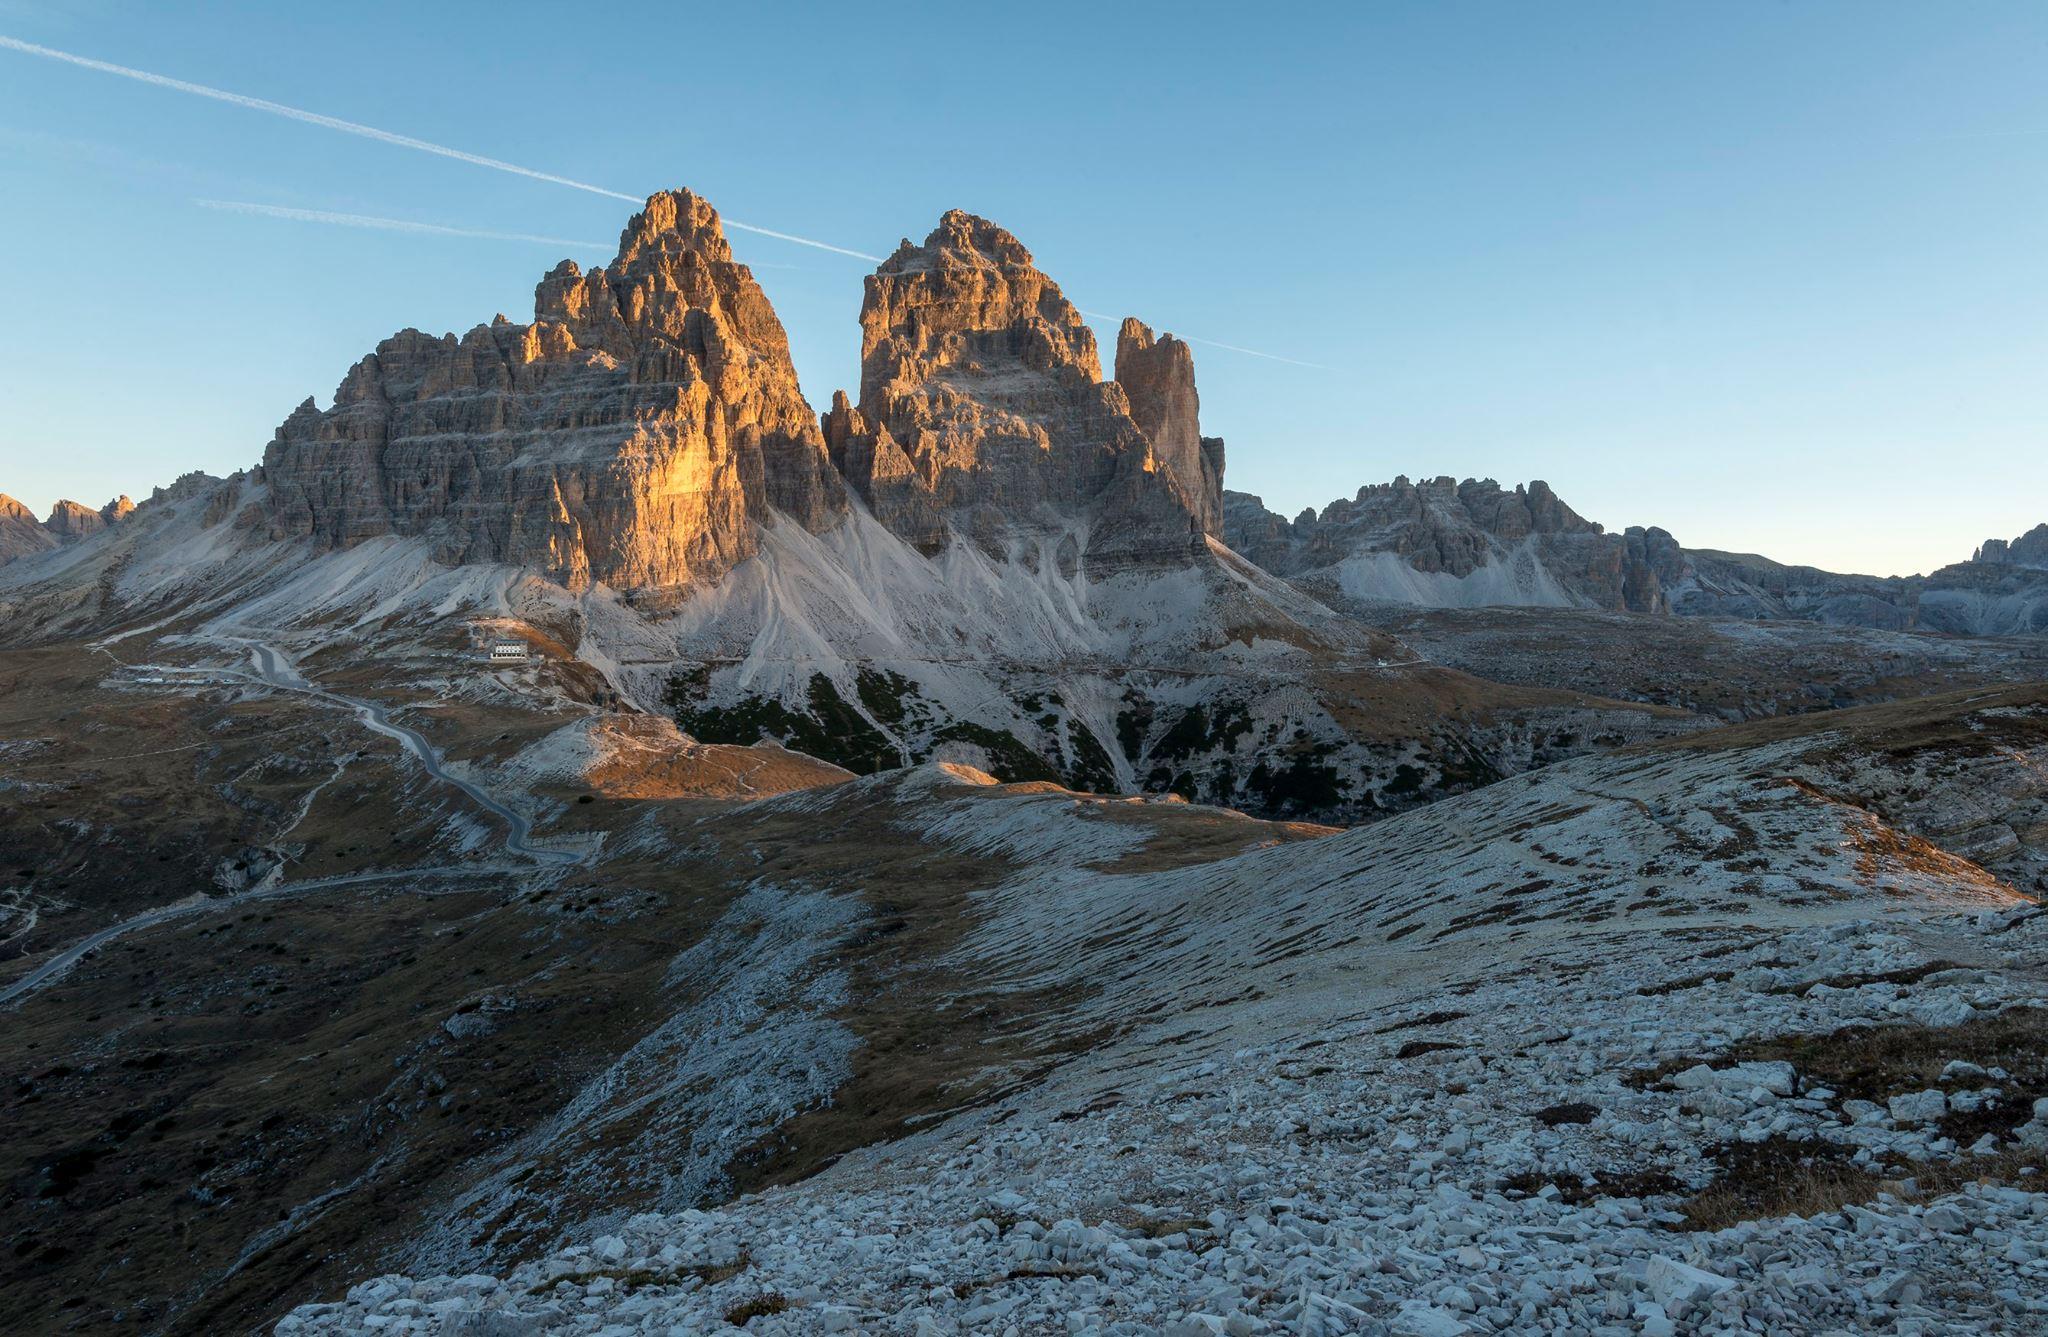 Alpy to fantastyczne miejsce na wyjazd fotograficzny!